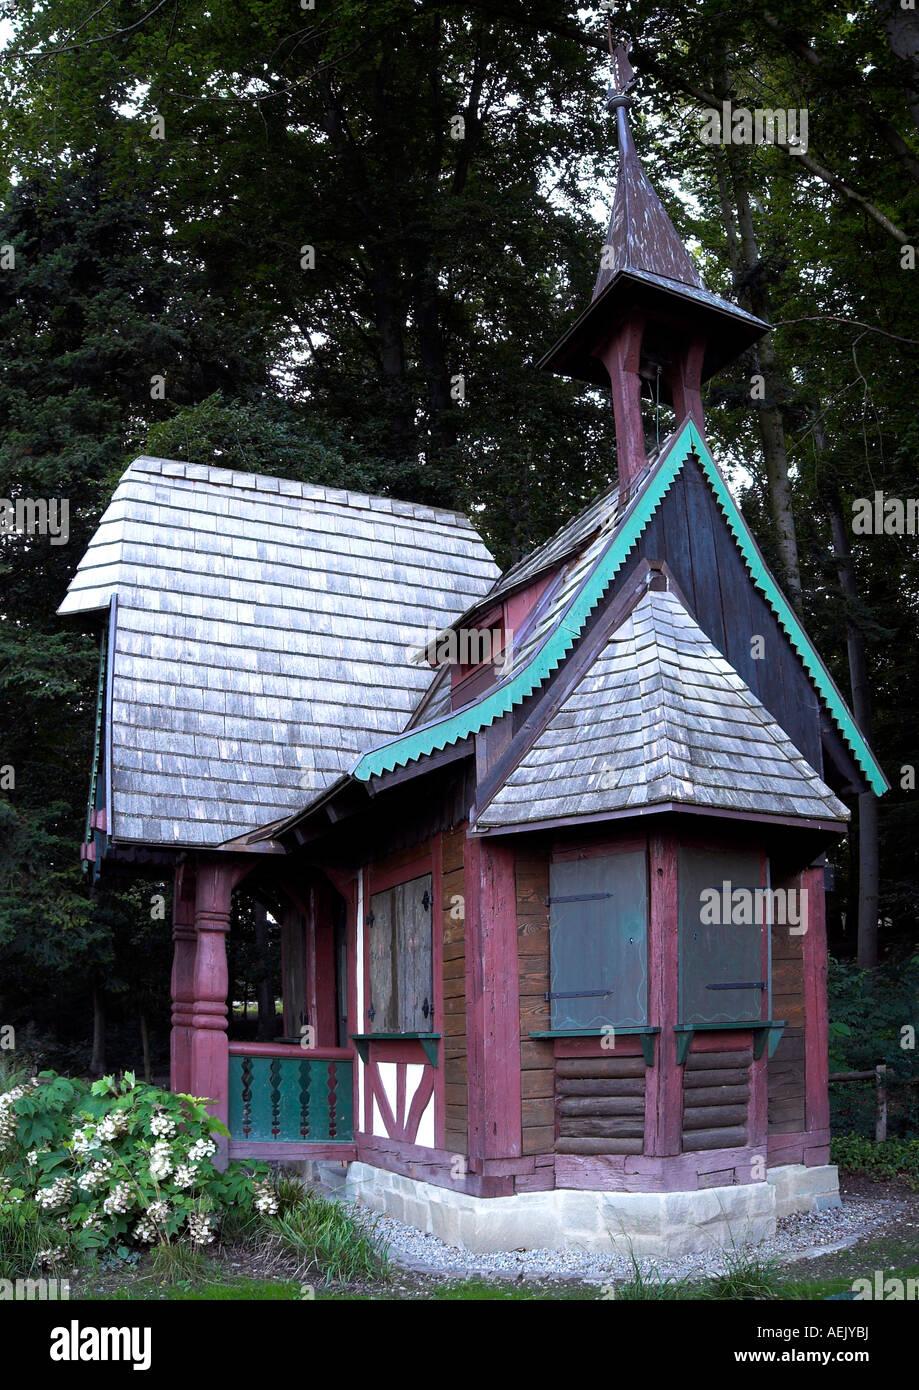 Strega casa in città giardino di Ueberlingen al Bodenseee, distretto Ueberlingen, Baden-Wuerttemberg, Germania Immagini Stock